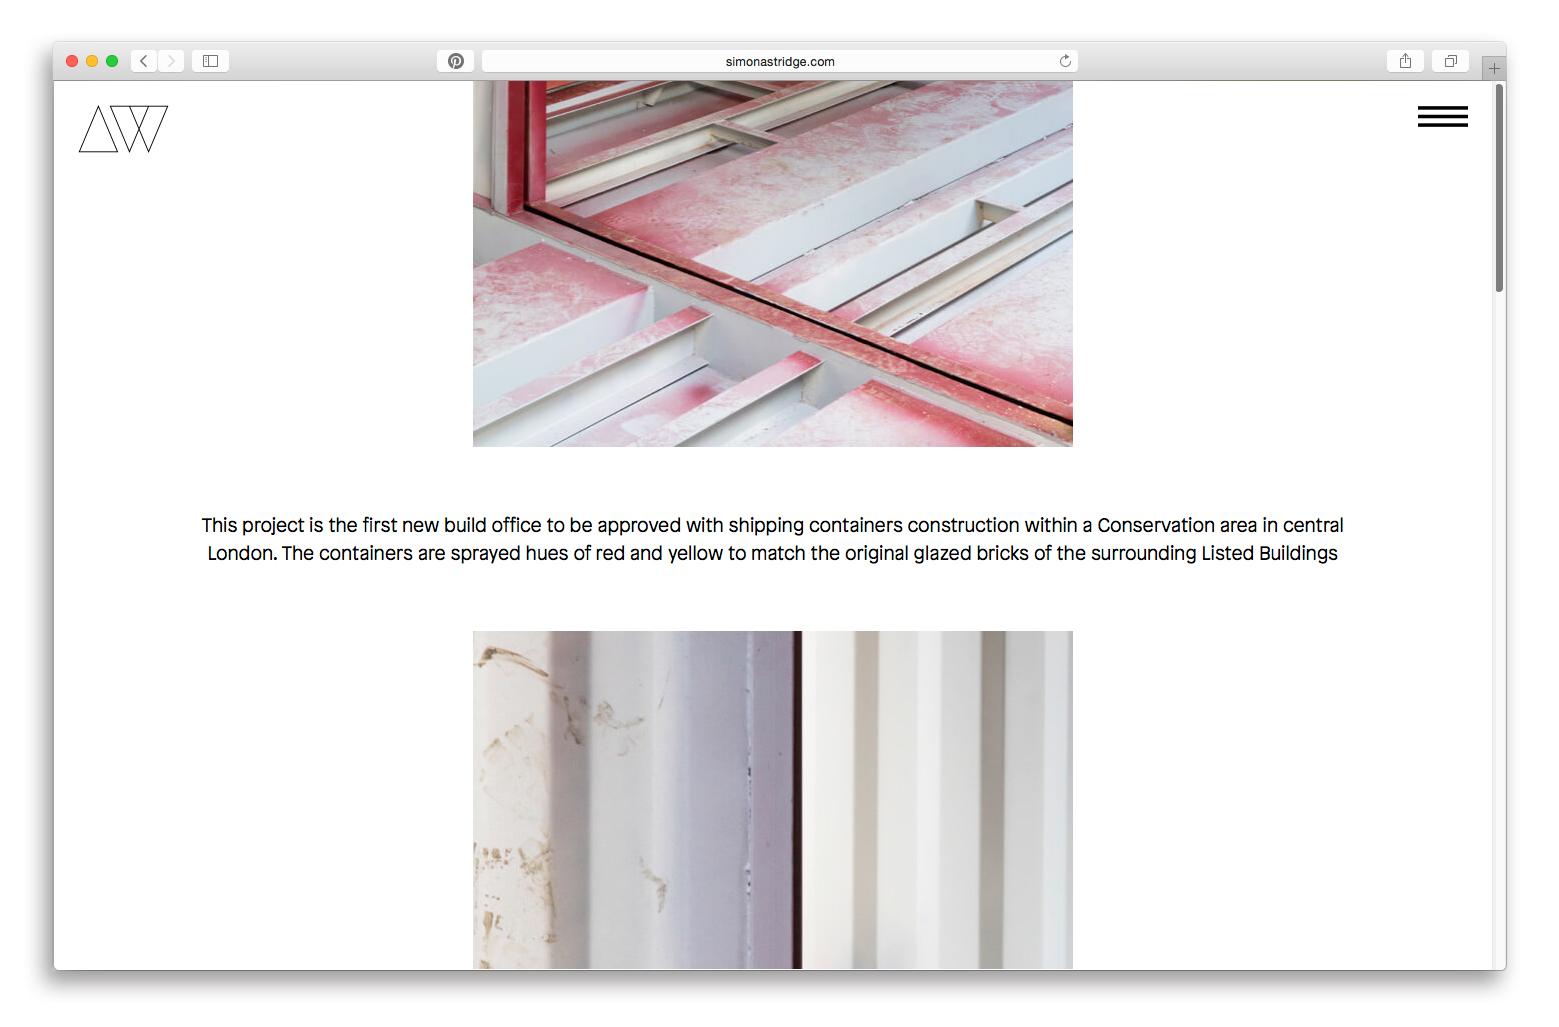 Simon-Astridge-Website-Richard-Grainger-7